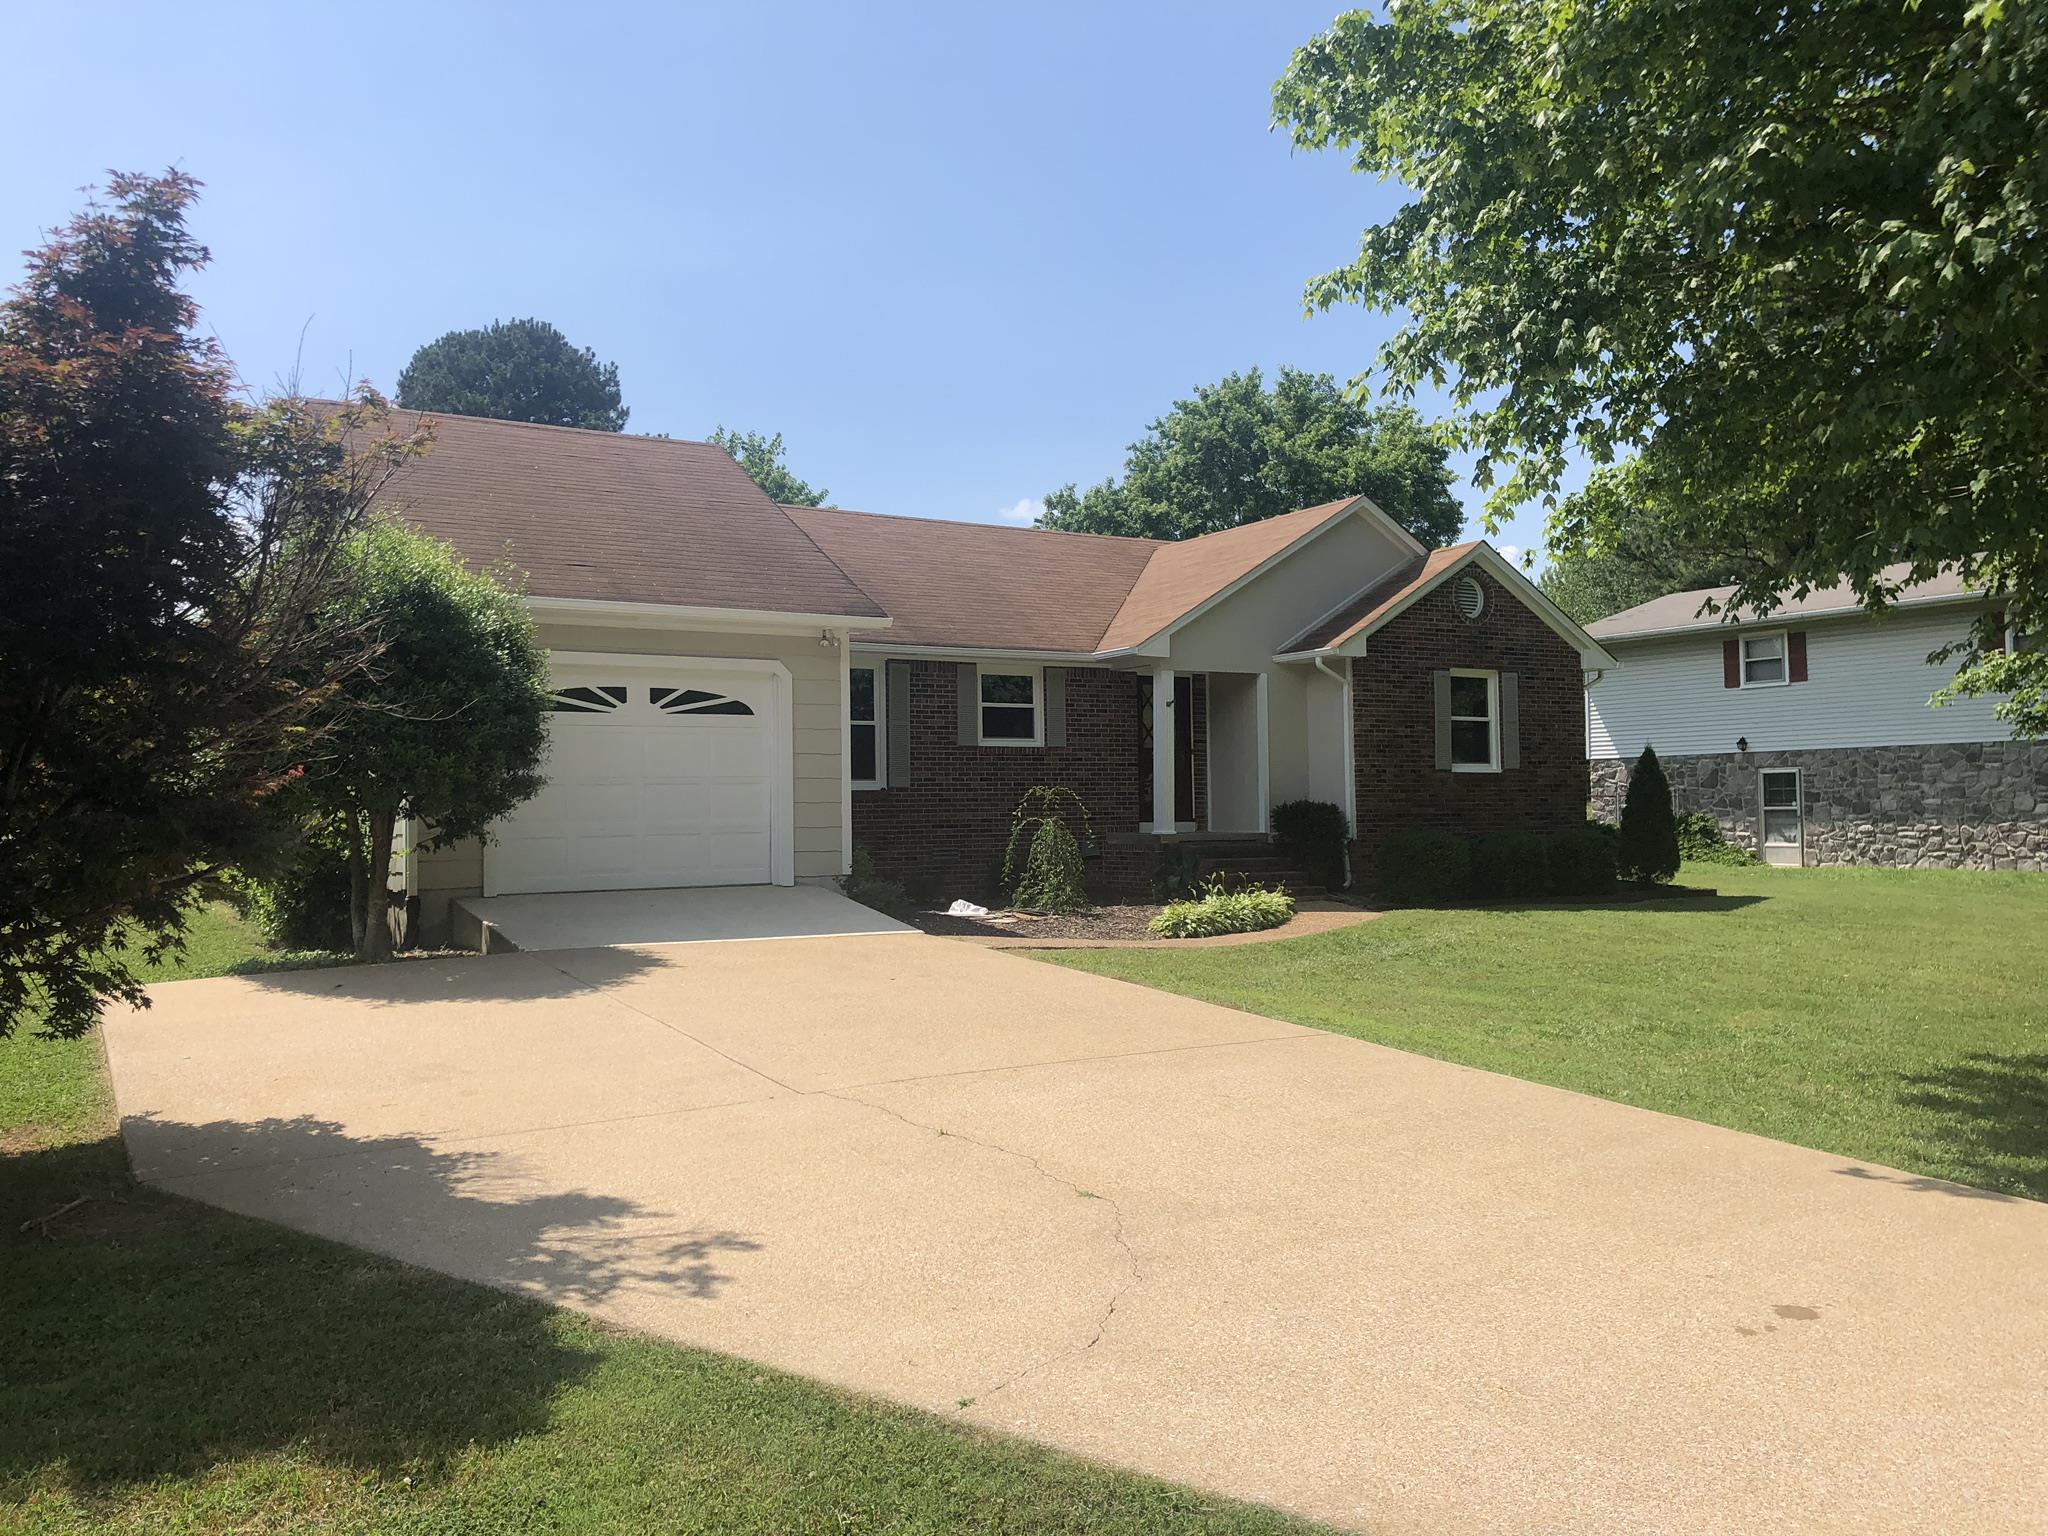 217 Millcreek Dr, Loretto, TN 38469 - Loretto, TN real estate listing